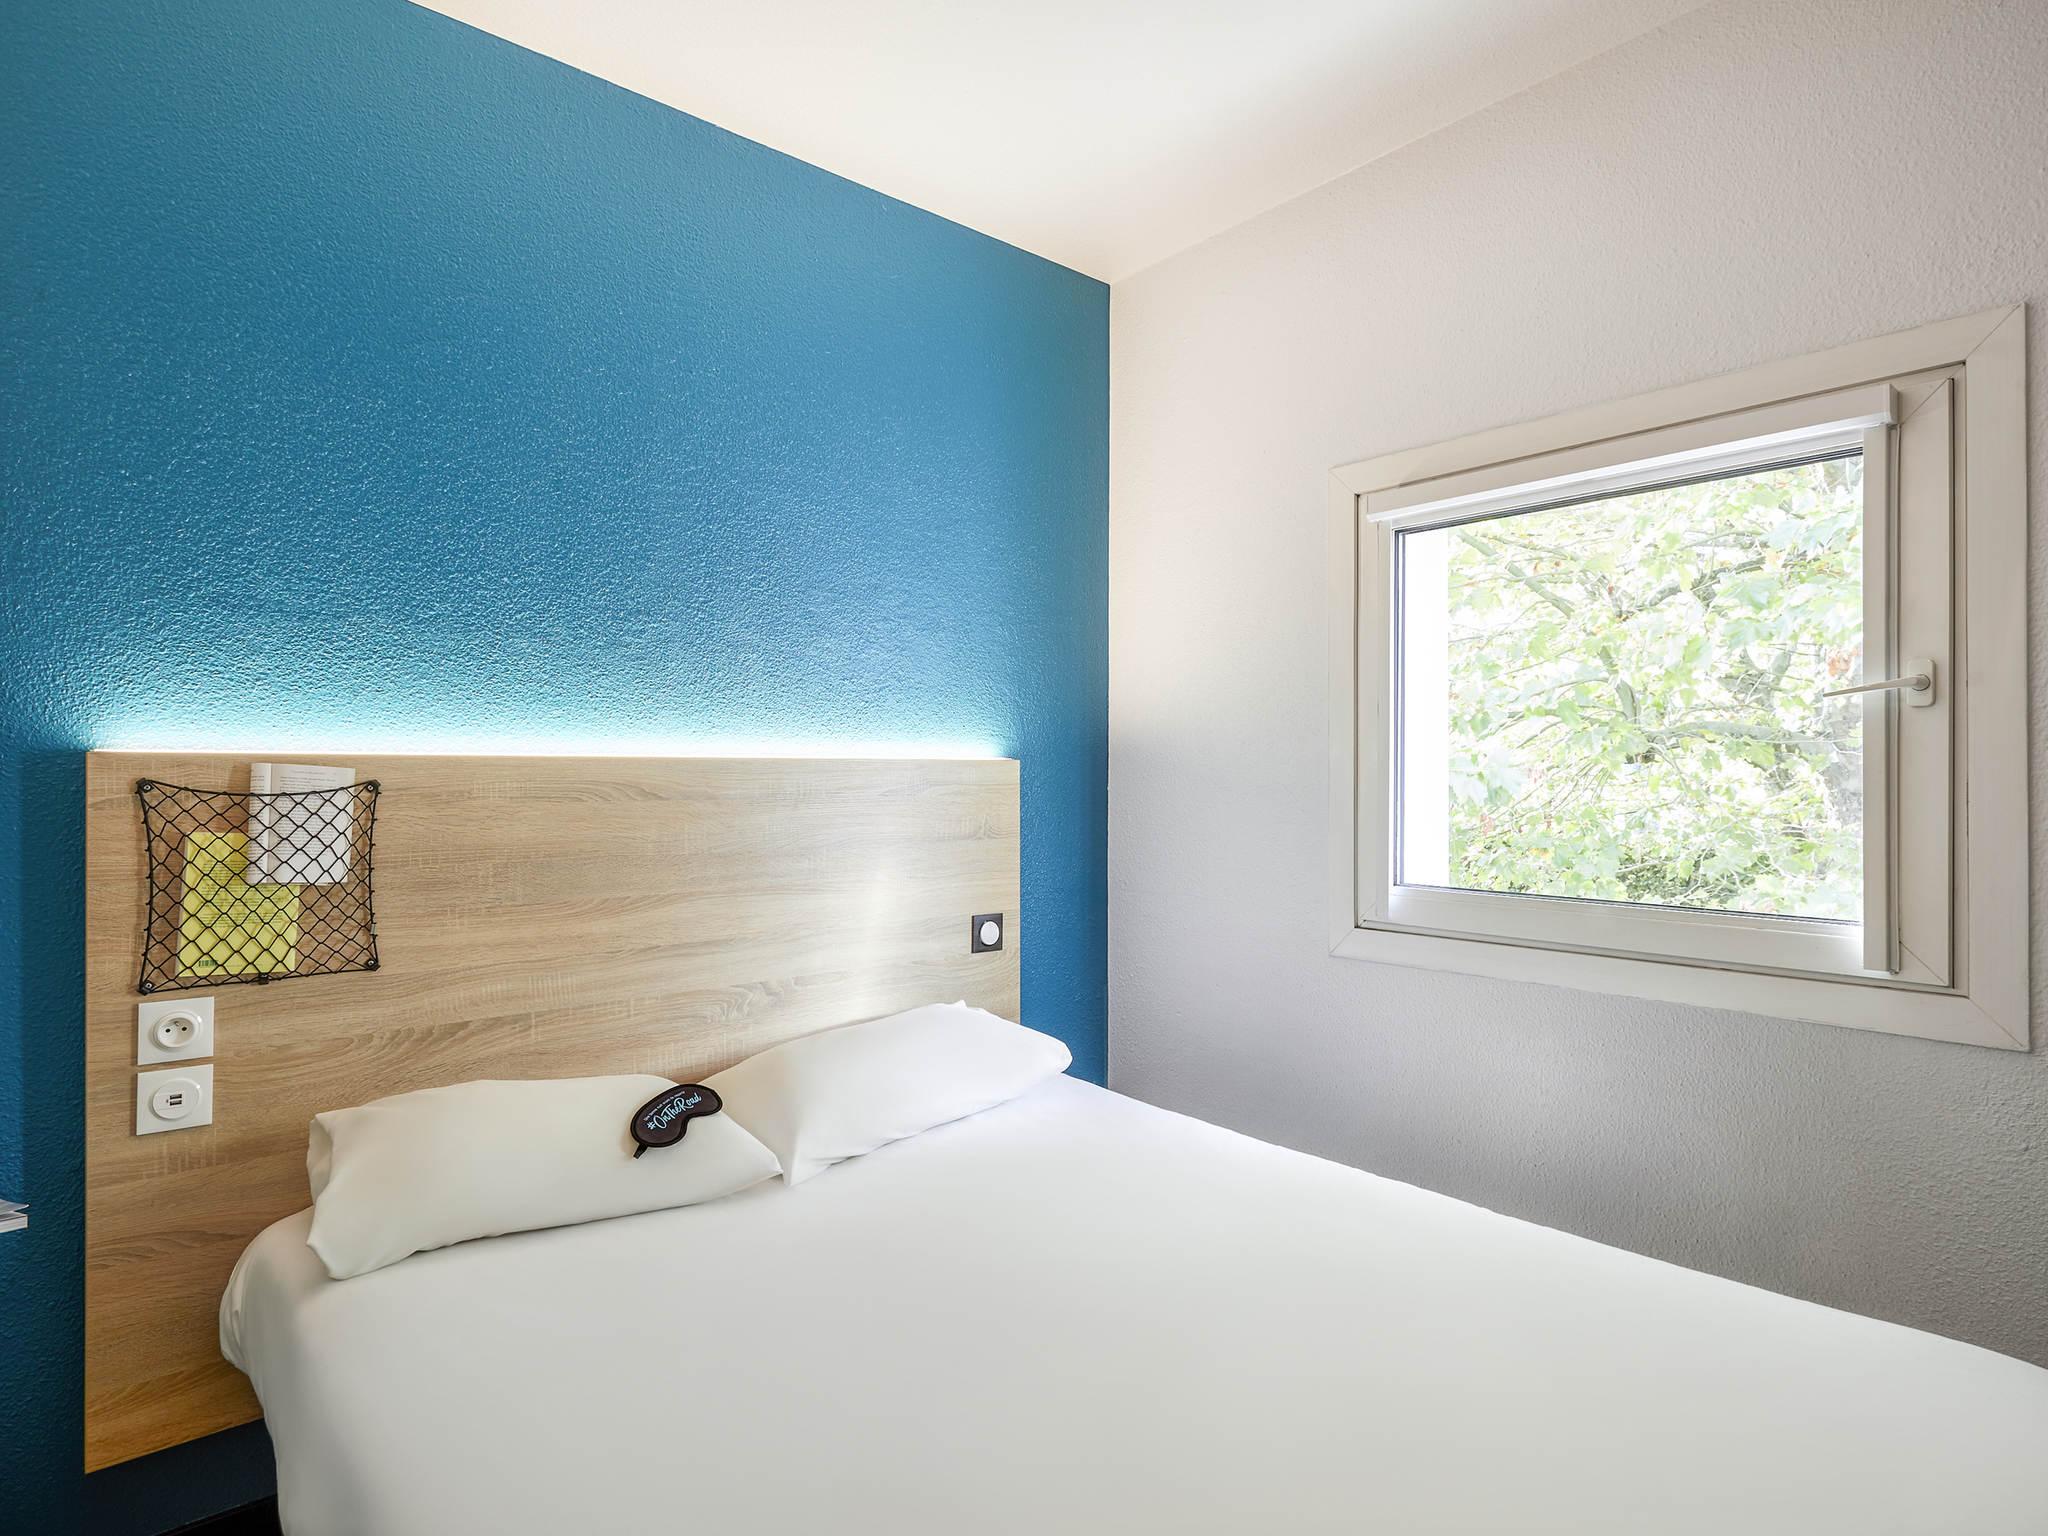 فندق - hotelF1 Lille Villeneuve-d'Ascq